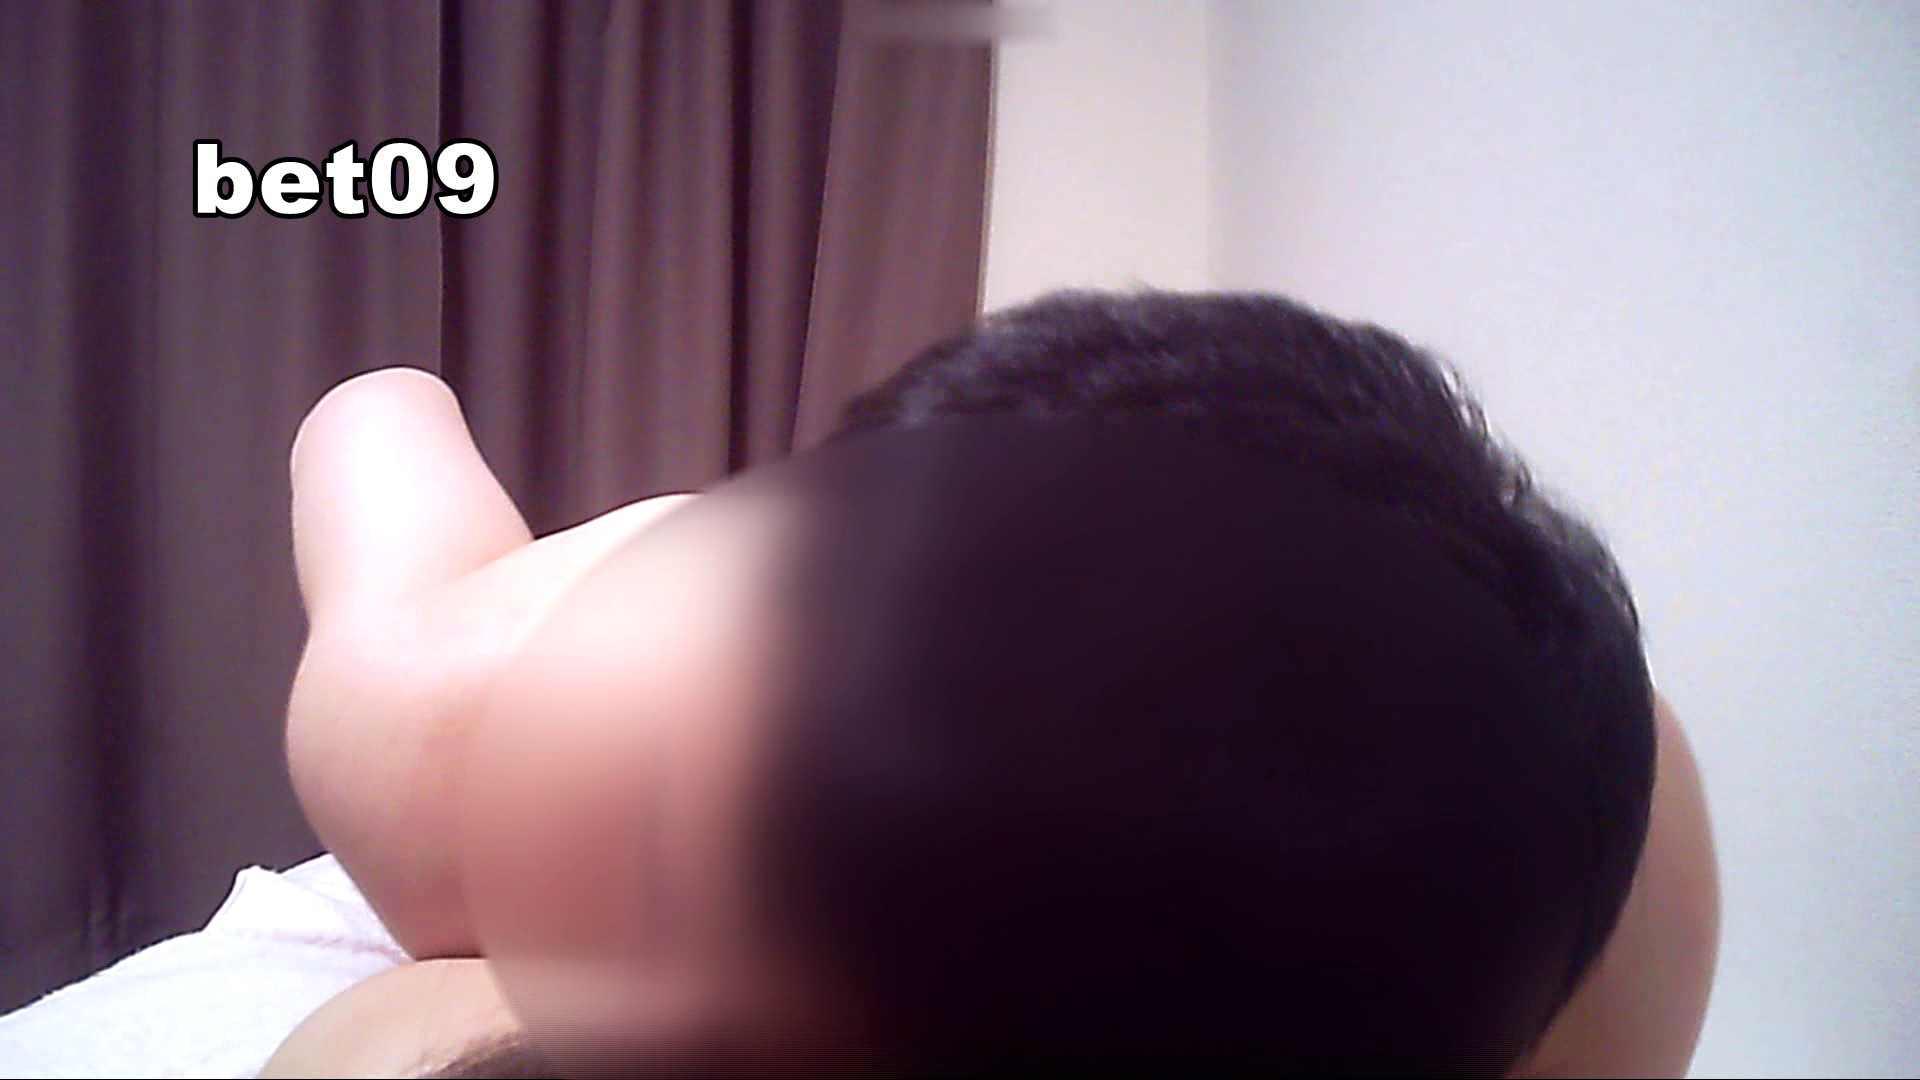 ミキ・大手旅行代理店勤務(24歳・仮名) vol.09 ミキの顔が紅潮してきます セックス  72PIX 17